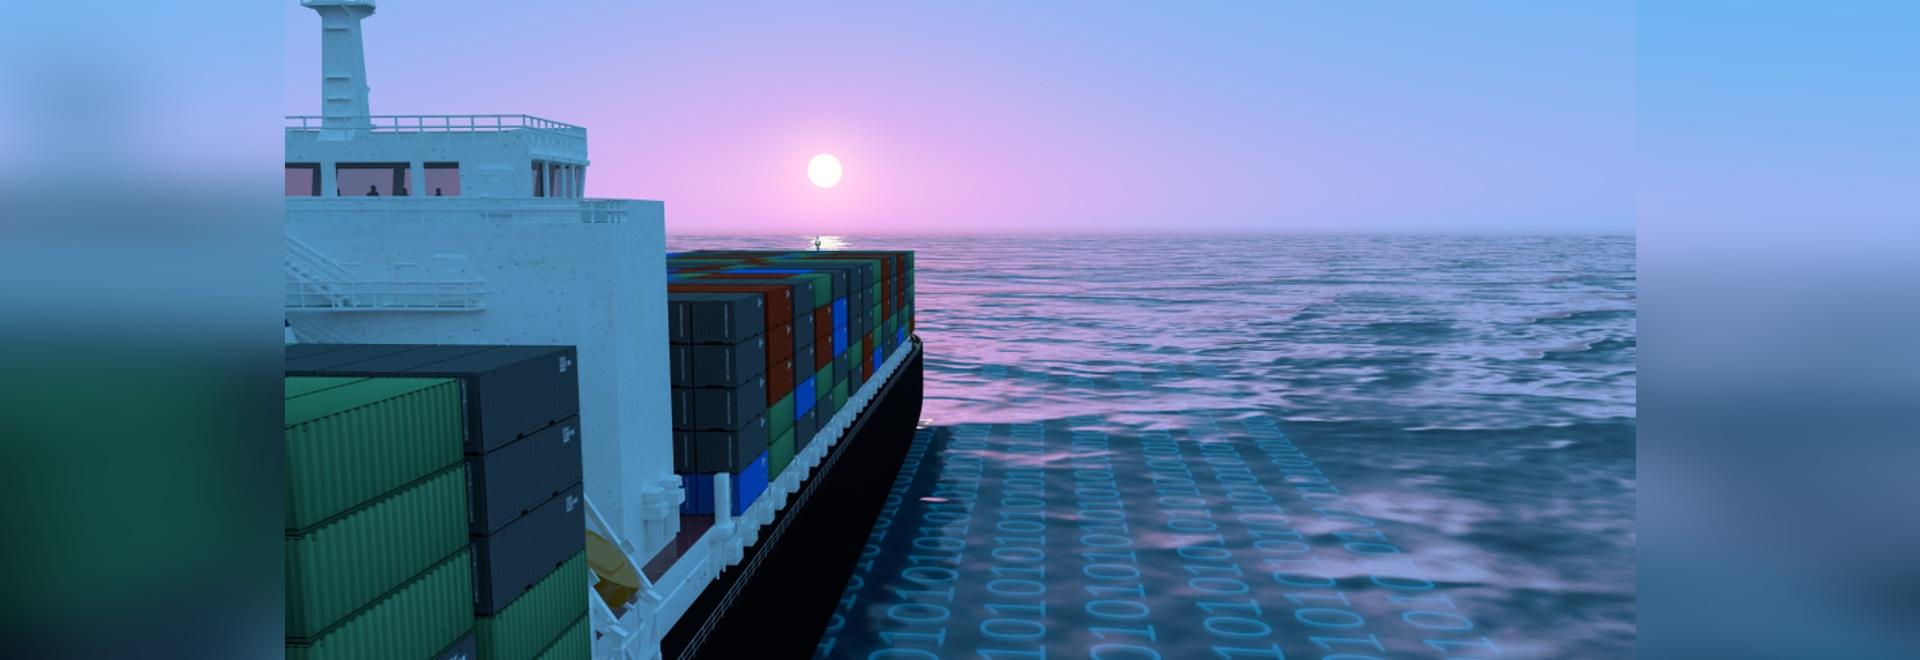 ClassNK: Nueva guía para buques autónomos